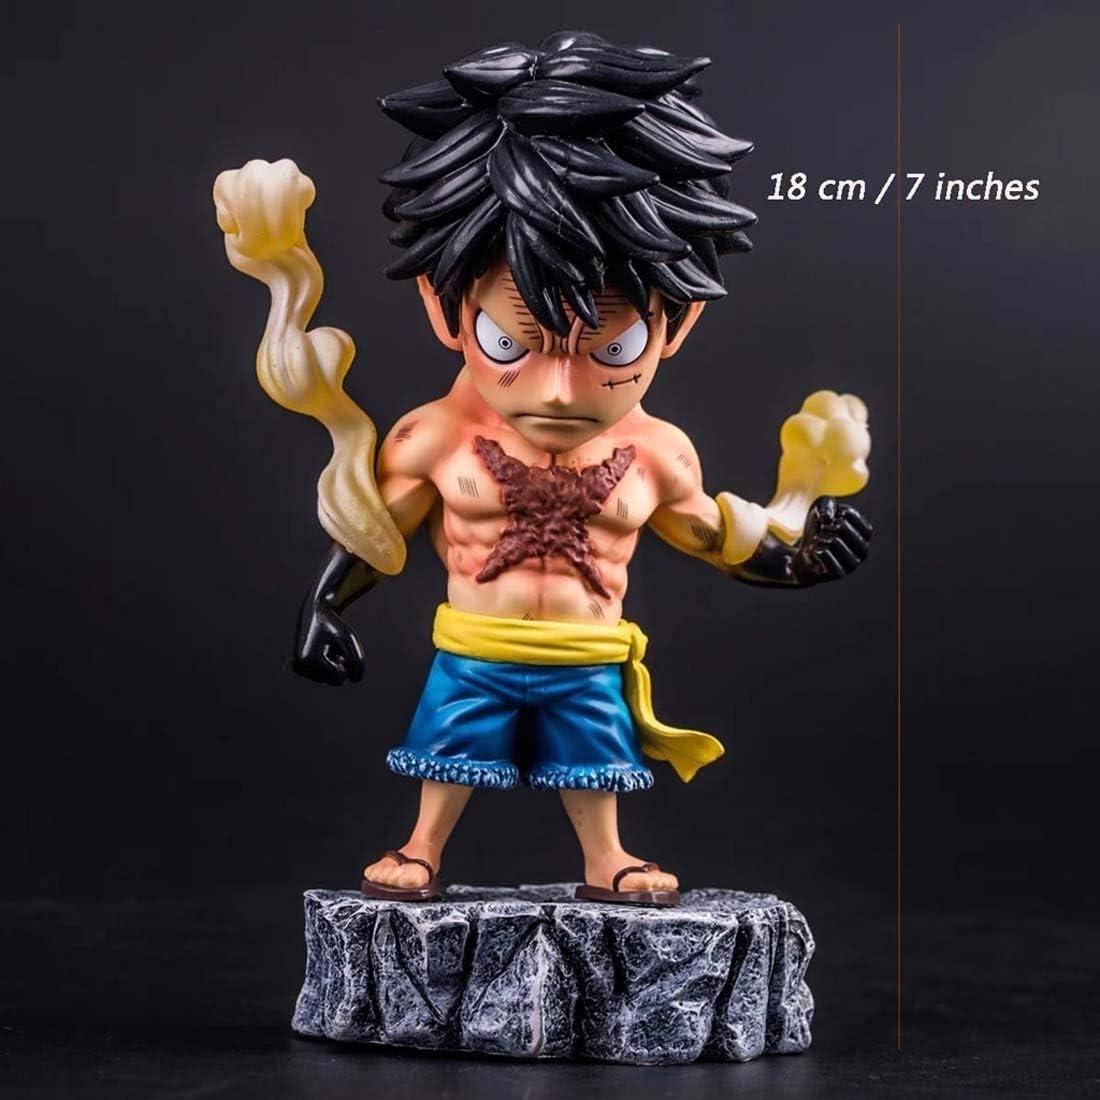 Luffy Figura AXZXC Anime Figura Tatuaje Luffy One Piece 18 Cm / 7 ...